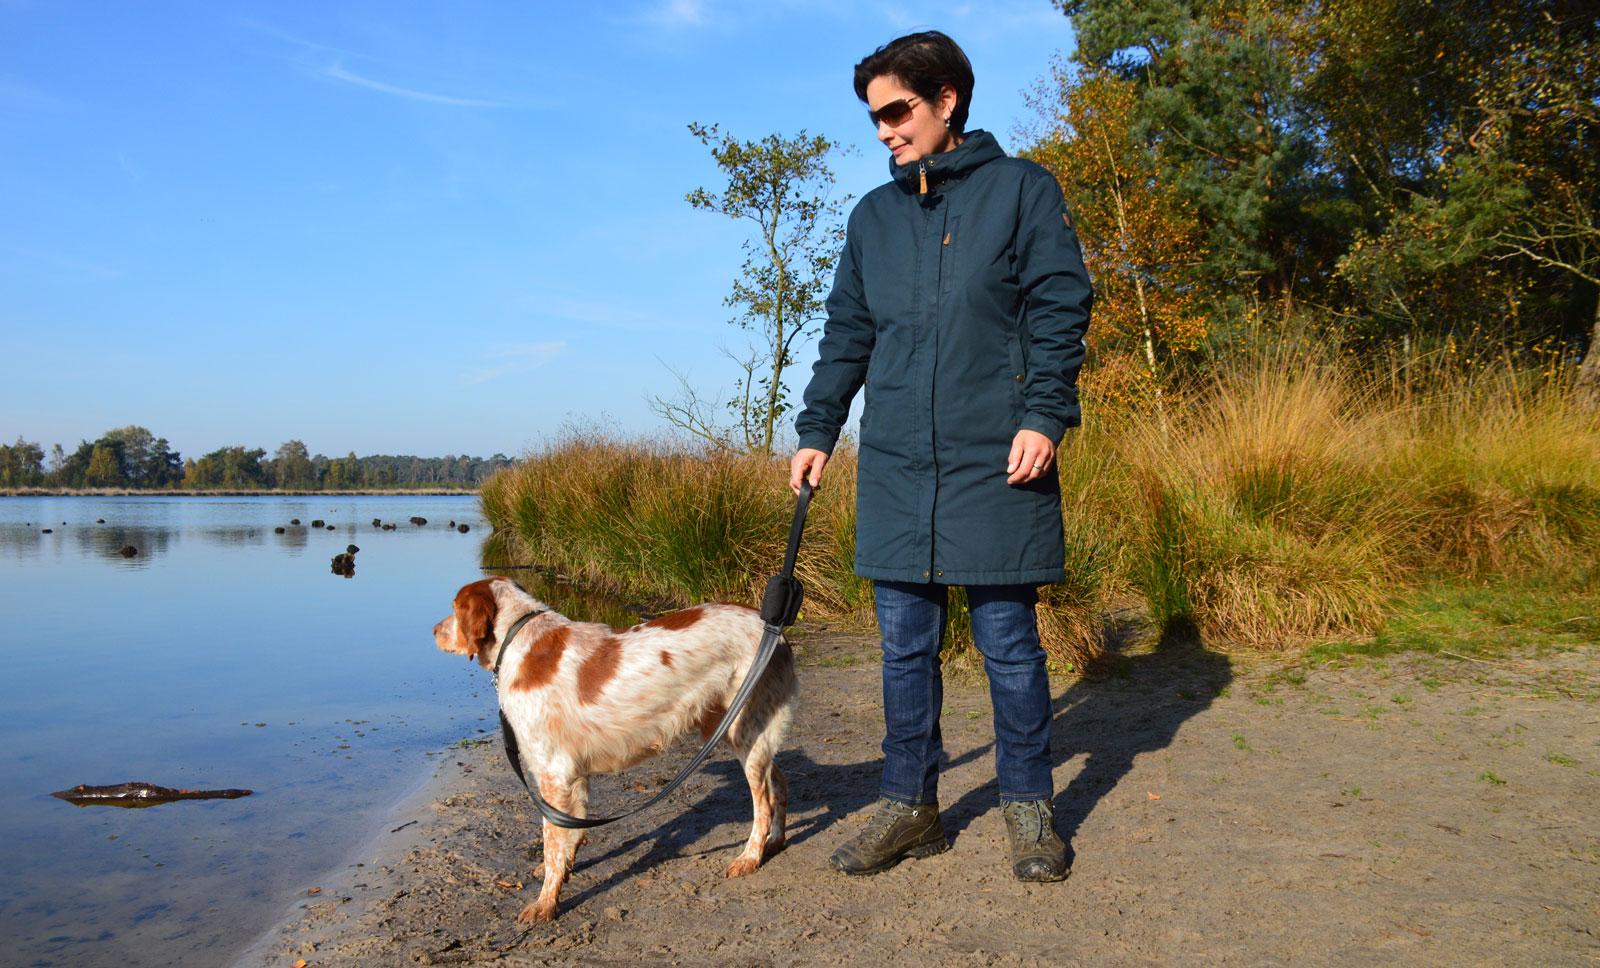 Beau with dog leash